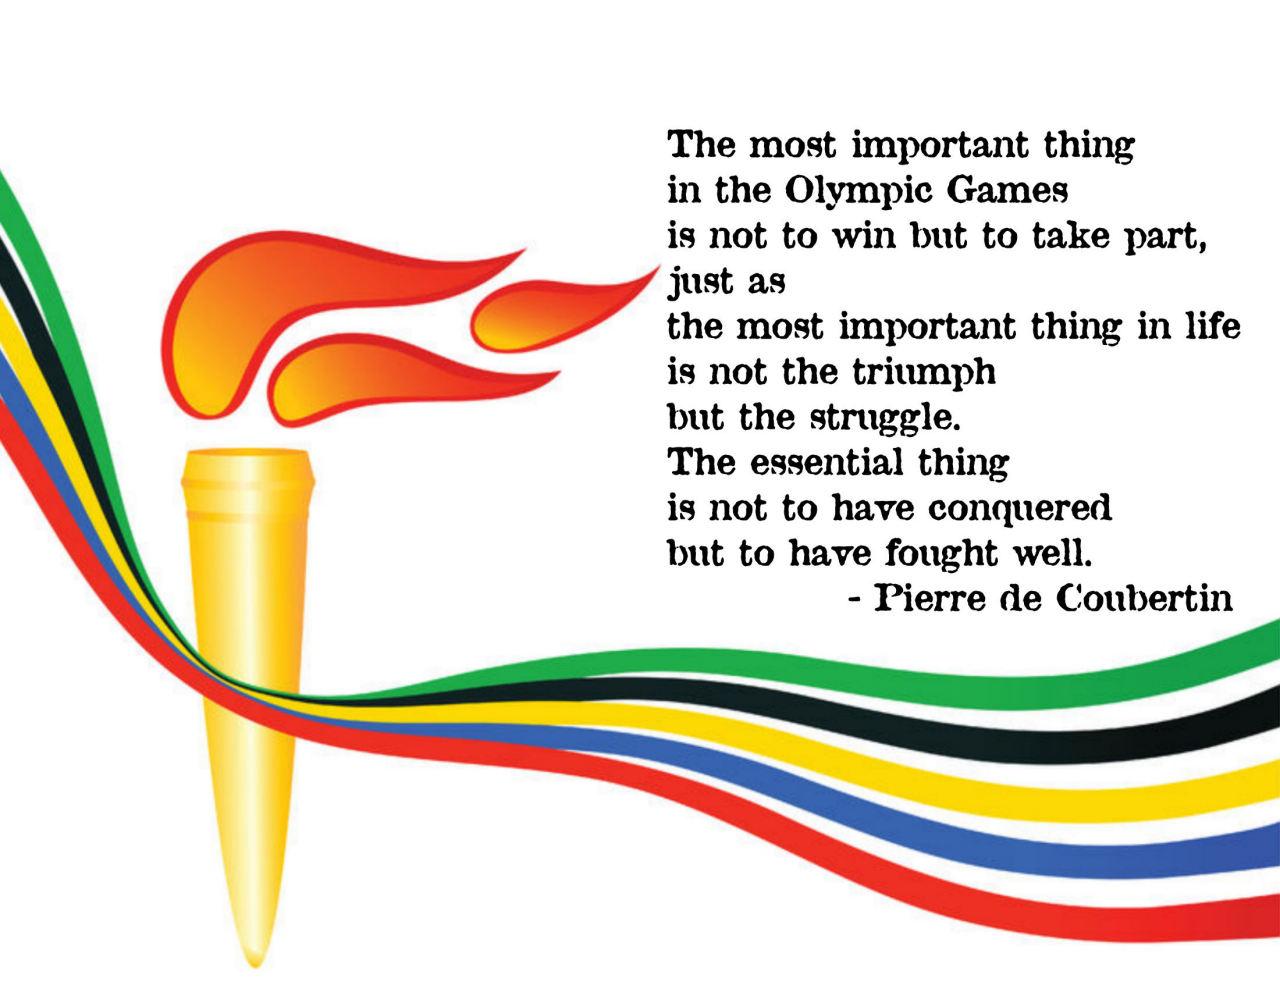 Pierre de Coubertin's quote #4